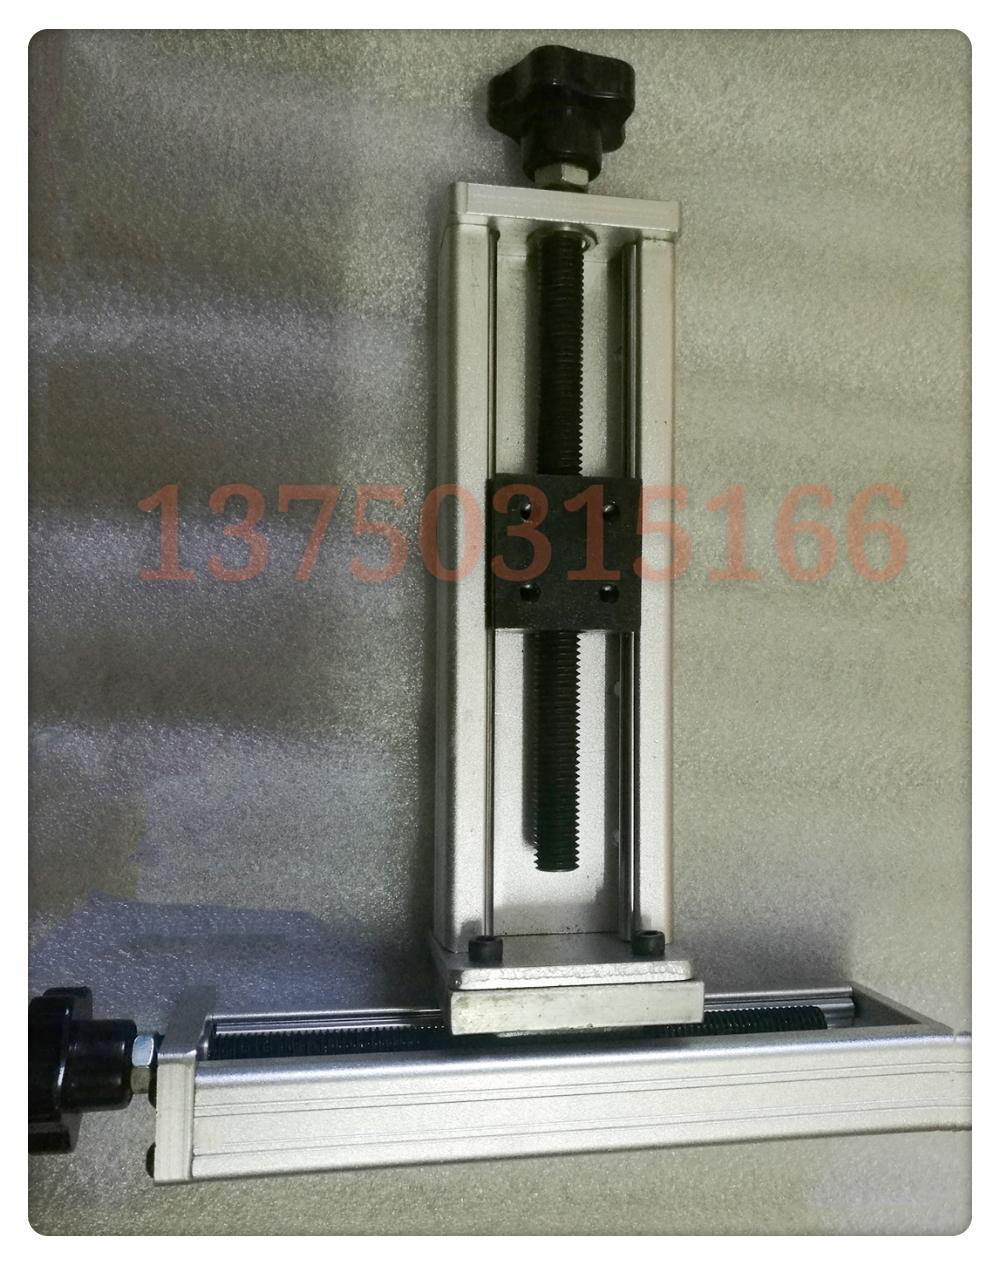 十字滑块二维微调装置手动拖板T型滑台100mm行程厂家直销